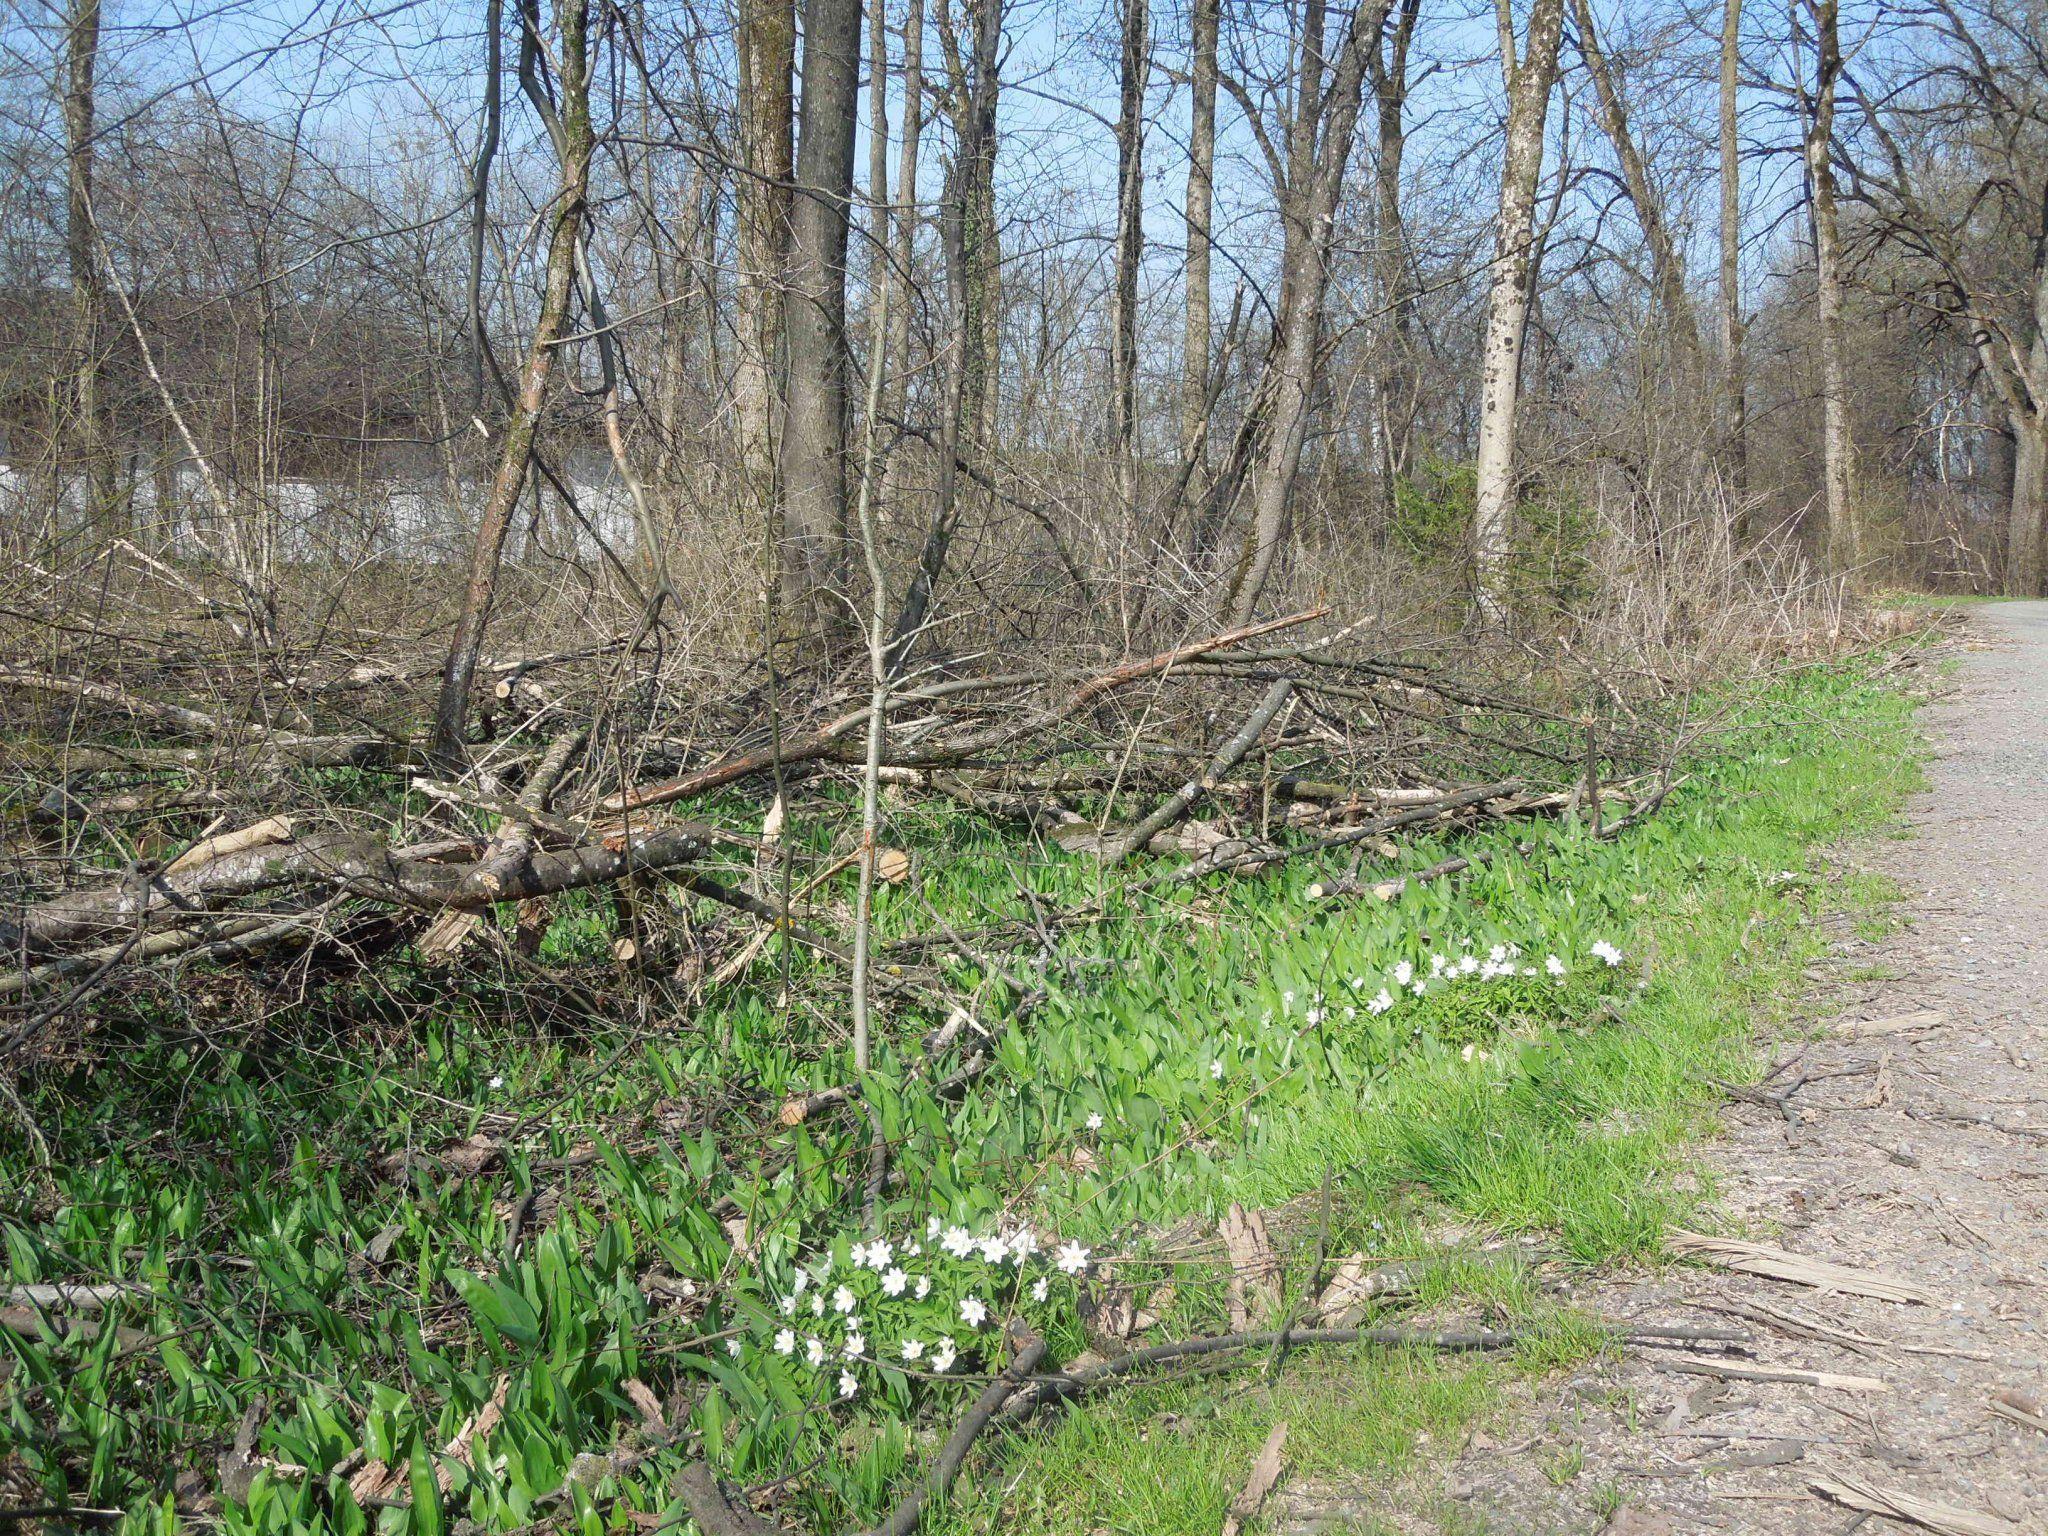 Die Achauen sollen sich natürlich regulieren, ohne dass der Wald aufgeforstet wird.